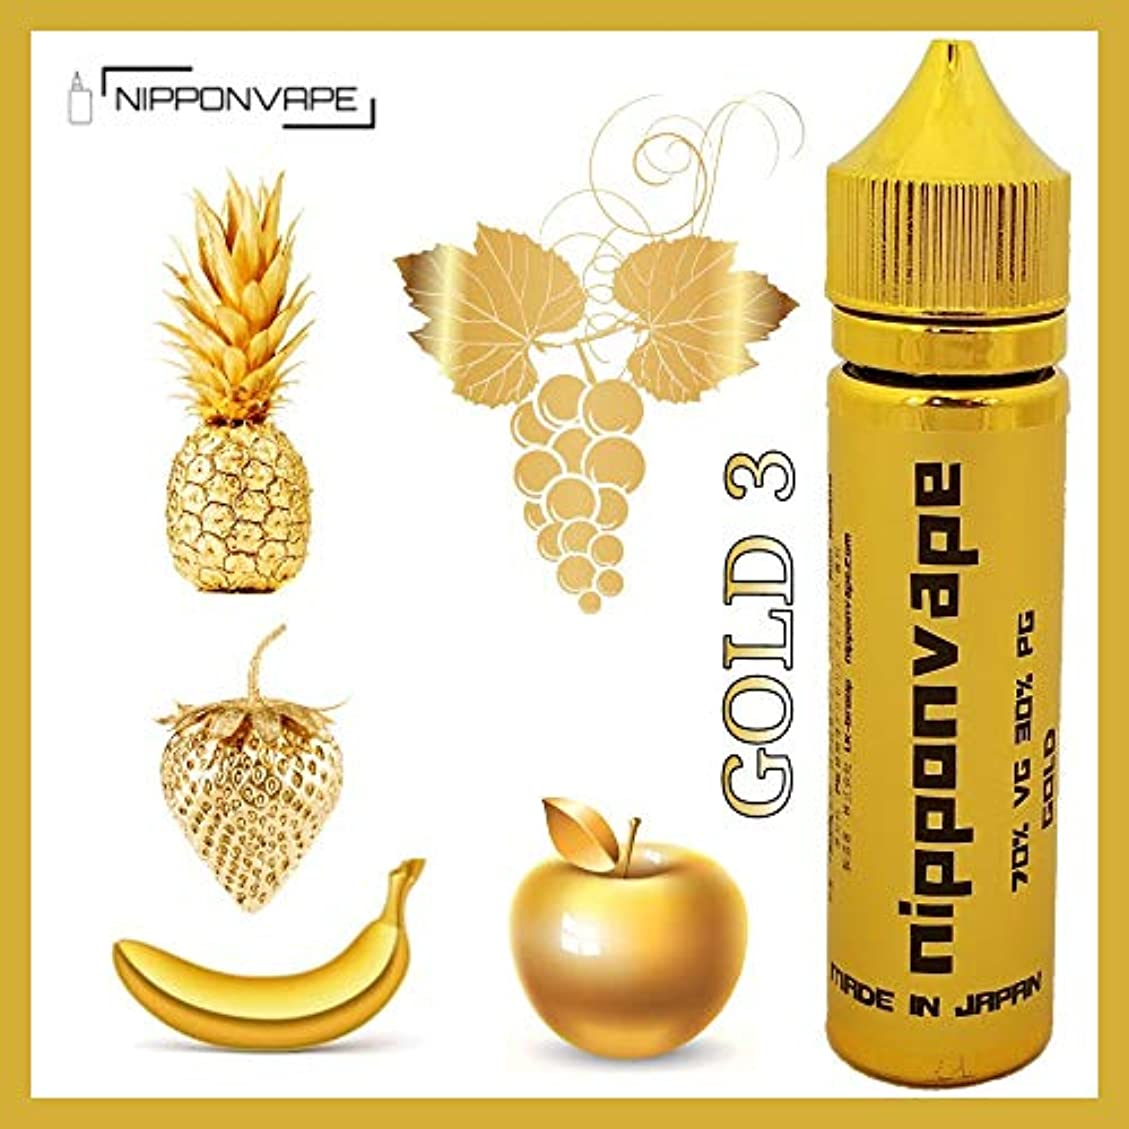 展示会葉っぱキャッシュ60ML 電子タバコ リキッド プレミアム ゴールド シリーズ ミックス フルーツ MIX FRUITS NIPPONVAPE GOLD 3